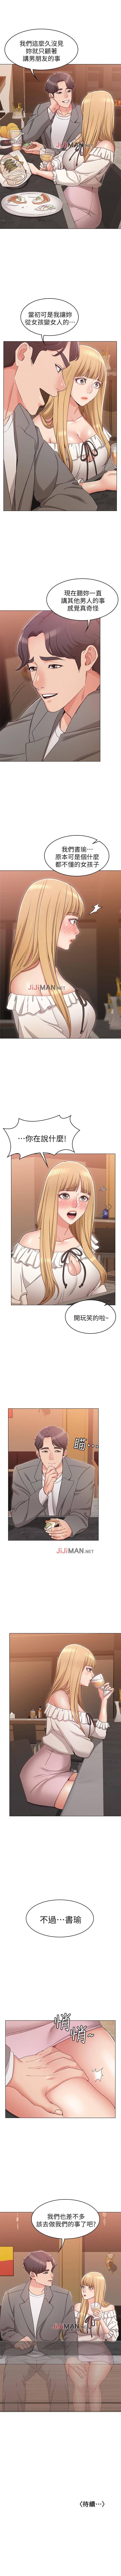 【周六连载】女友的姐姐(作者:橡果人&獵狗) 第1~23话 58